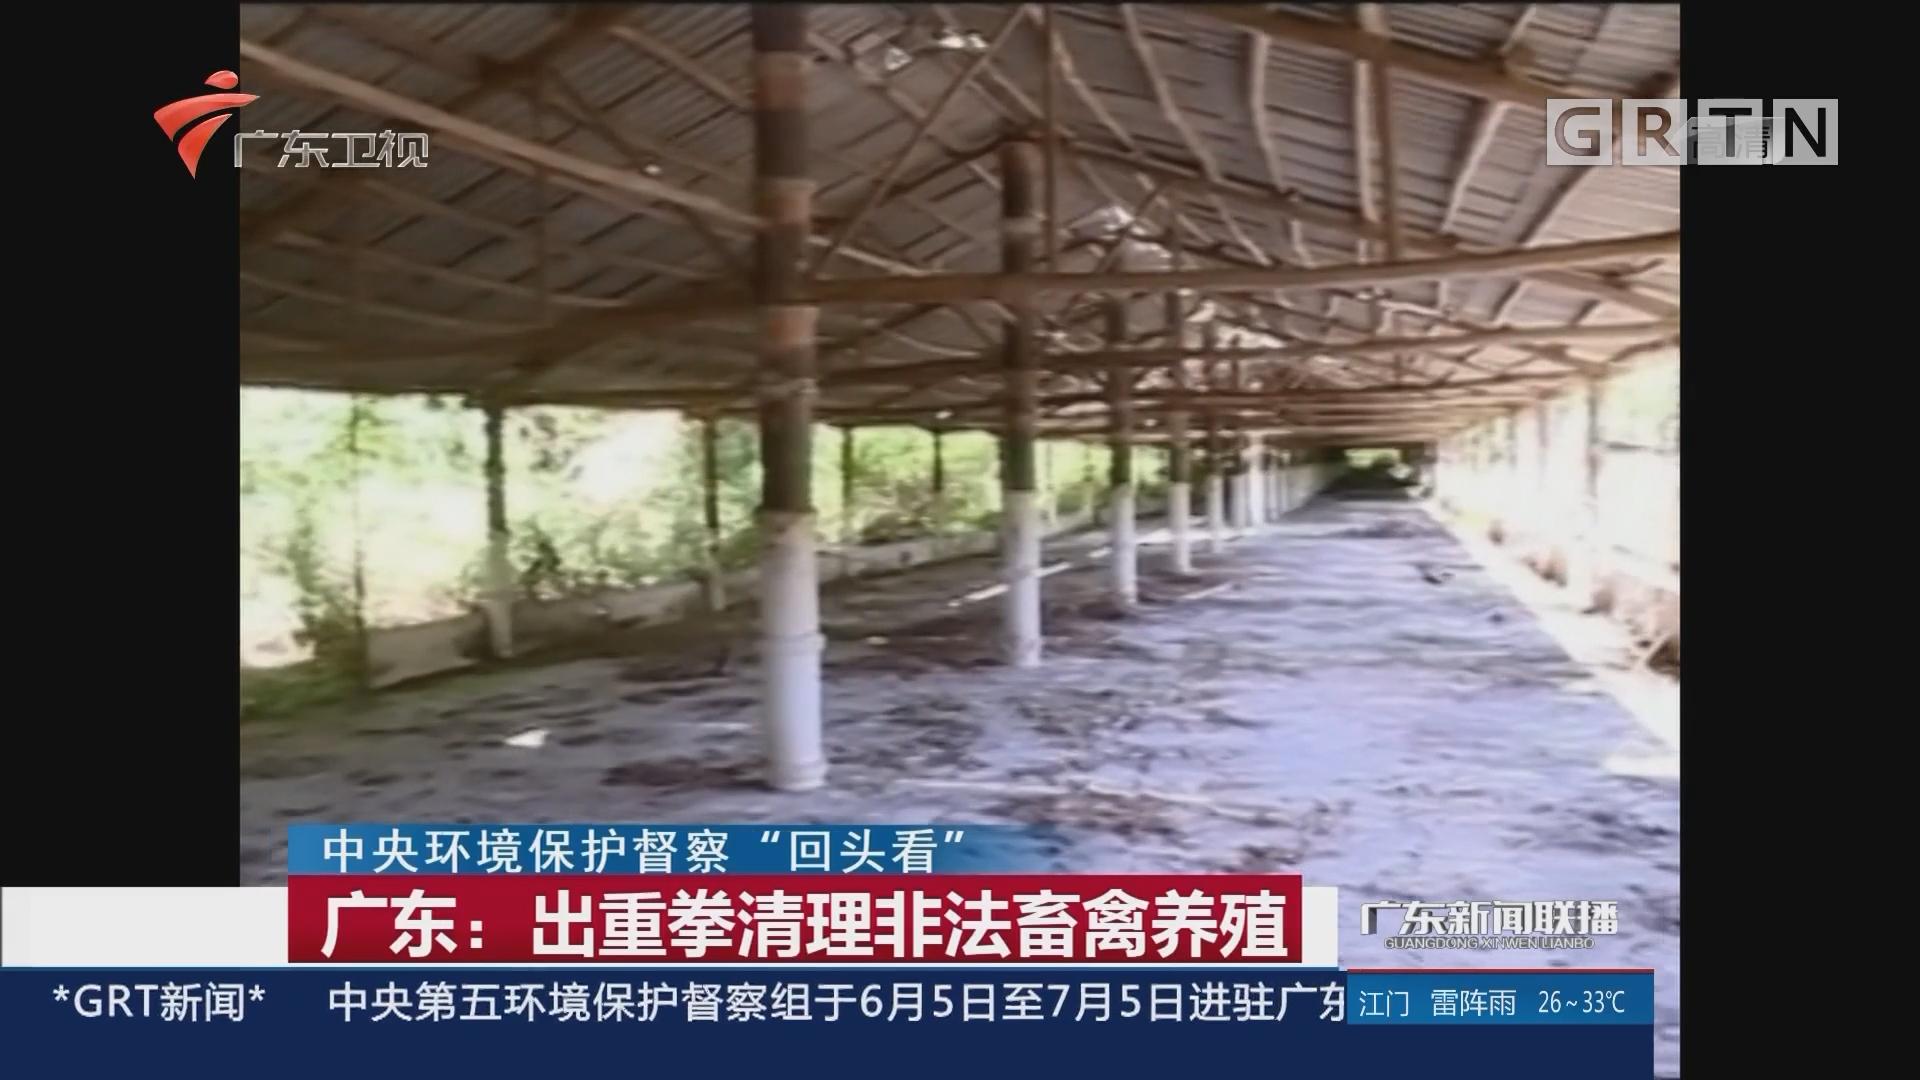 广东:出重拳清理非法畜禽养殖